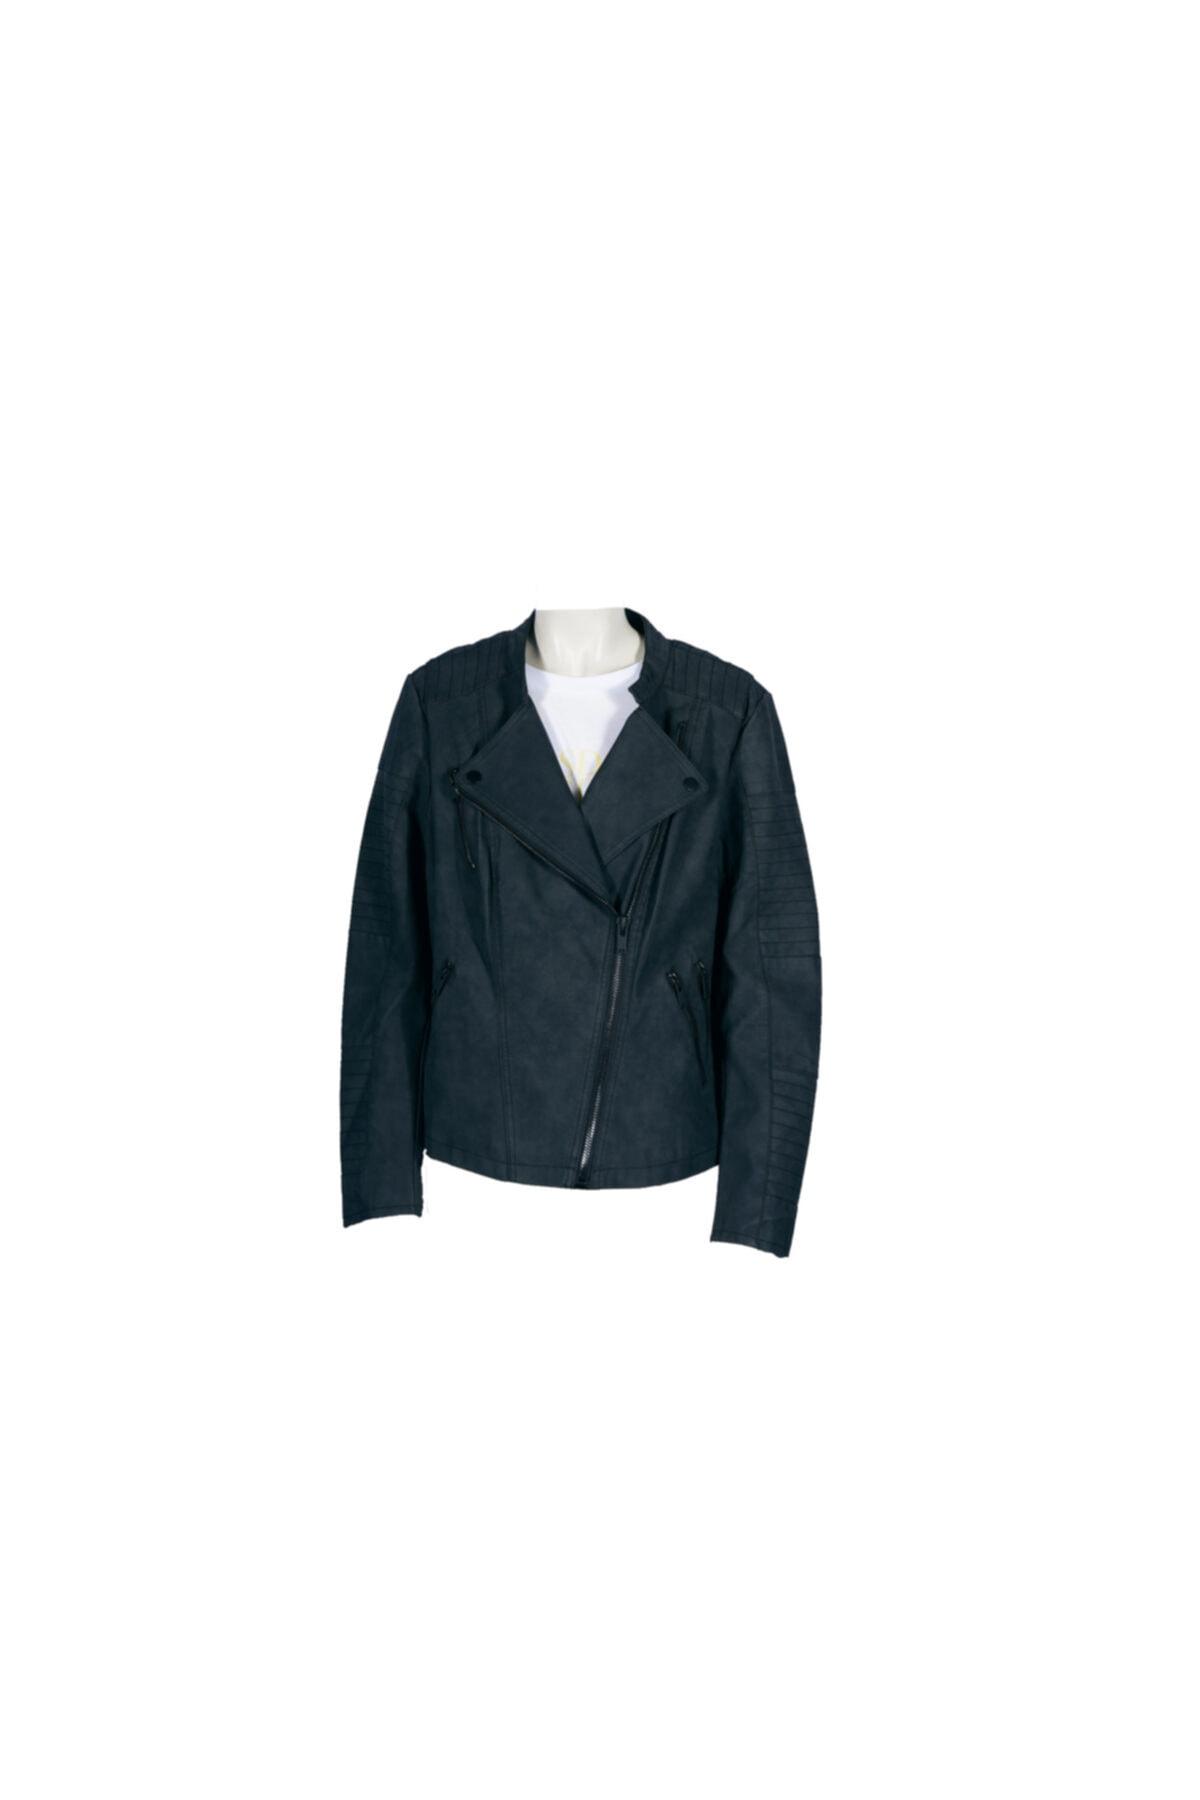 فرفروشگاه کاپشن چرم زنانه سال ۹۹ برند Only رنگ مشکی کد ty57181947